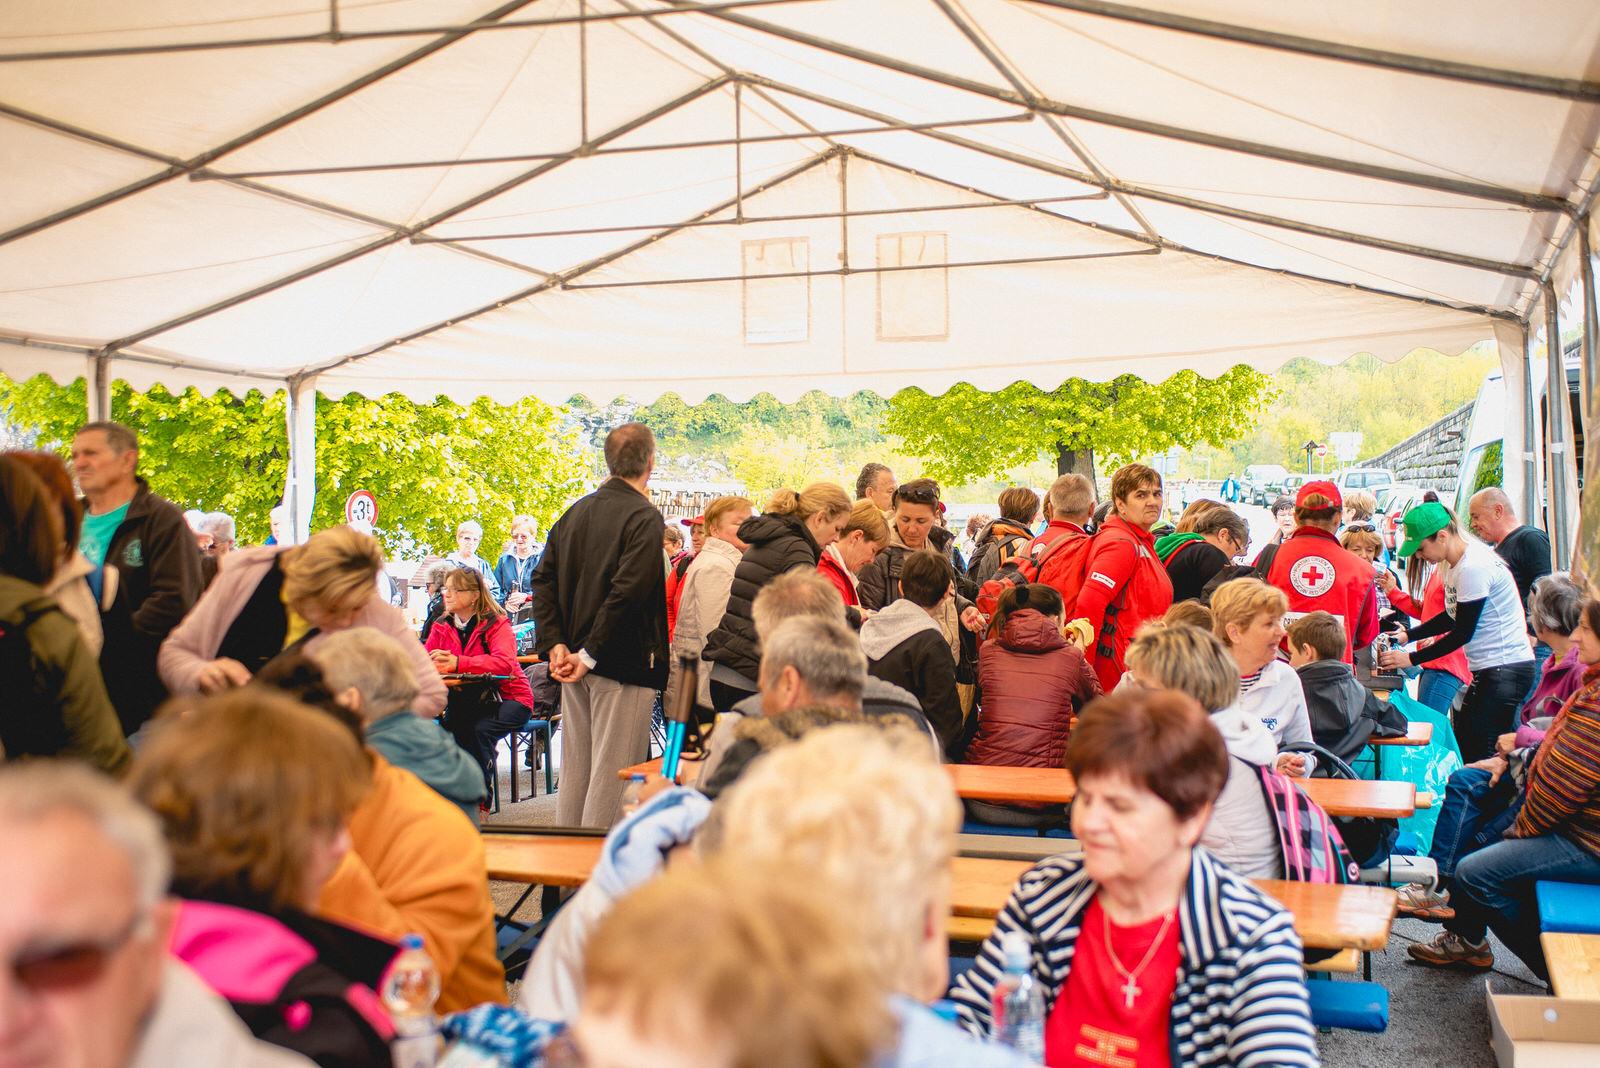 likaclub_slunj_rastoke_5-festival-nordijskog-hodanja_2019-28